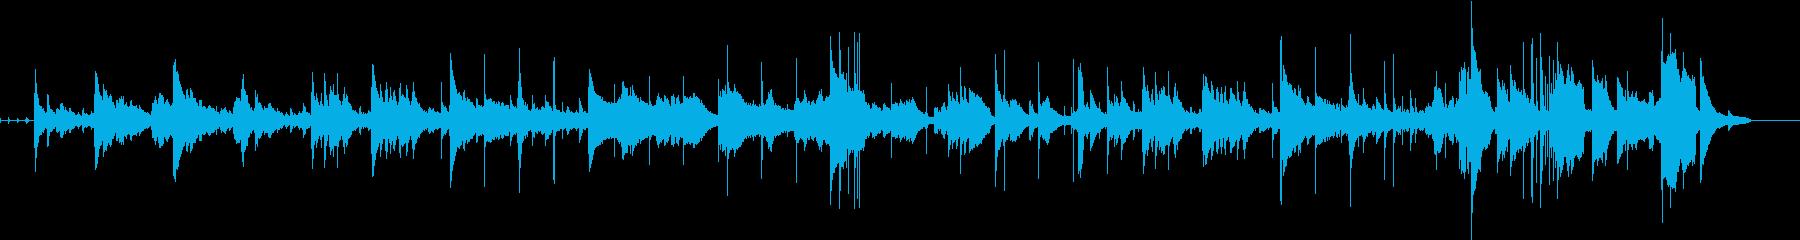 ピアノとベースの印象的な曲の再生済みの波形